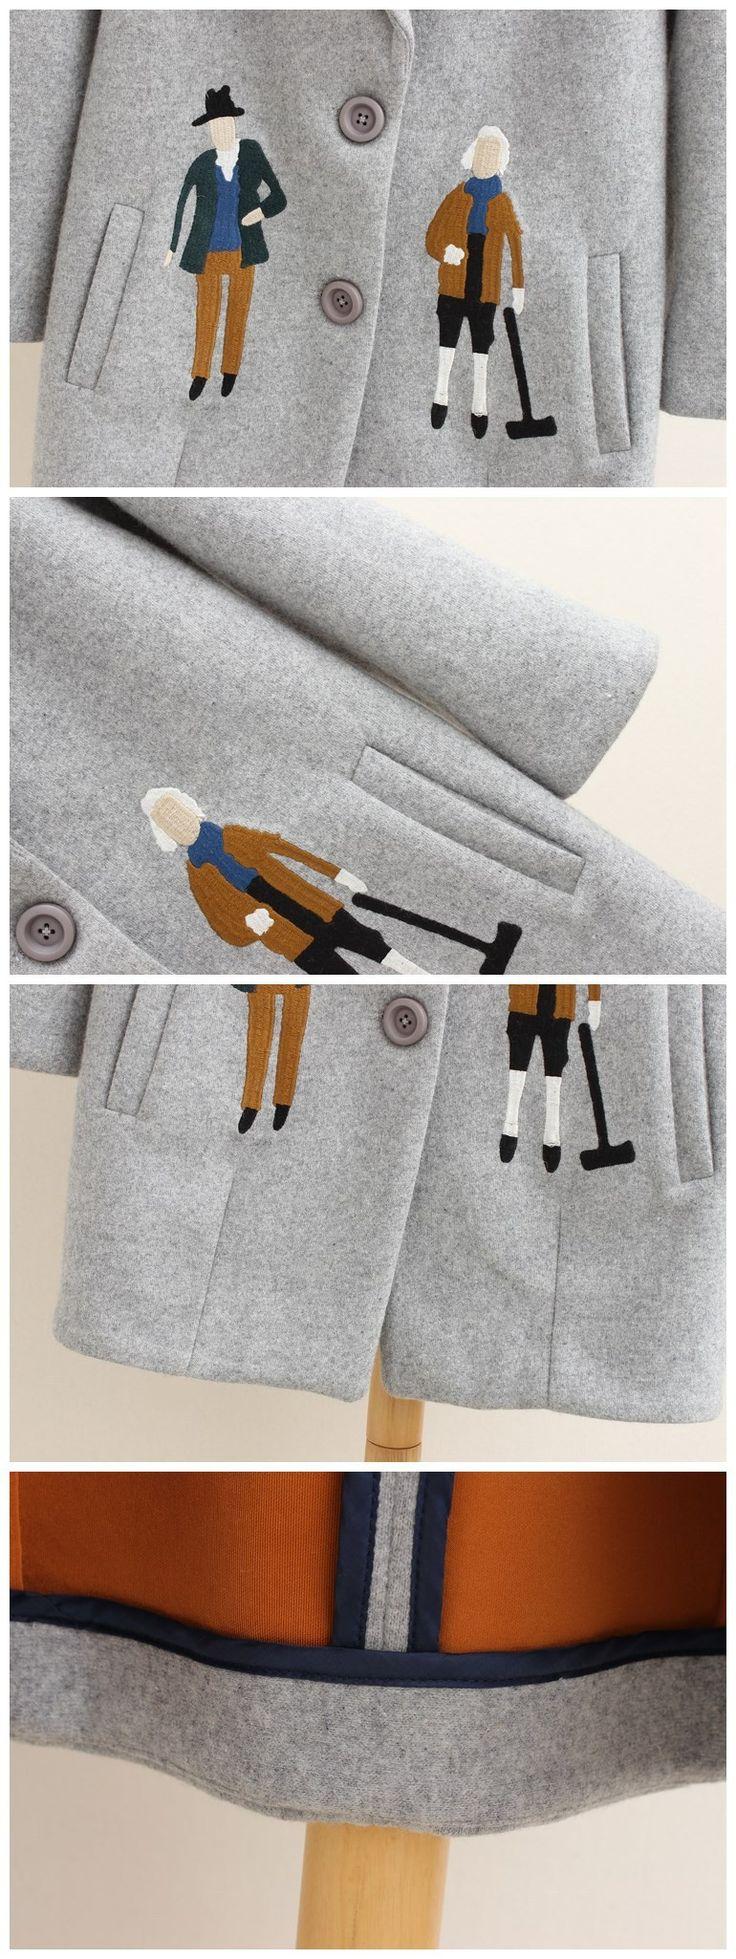 2017 осень женщины пальто, Европейская мода Женский шерстяной куртки Вышивка пиджаки зима серые пальто кашемировые пальто femme C0361 купить на AliExpress